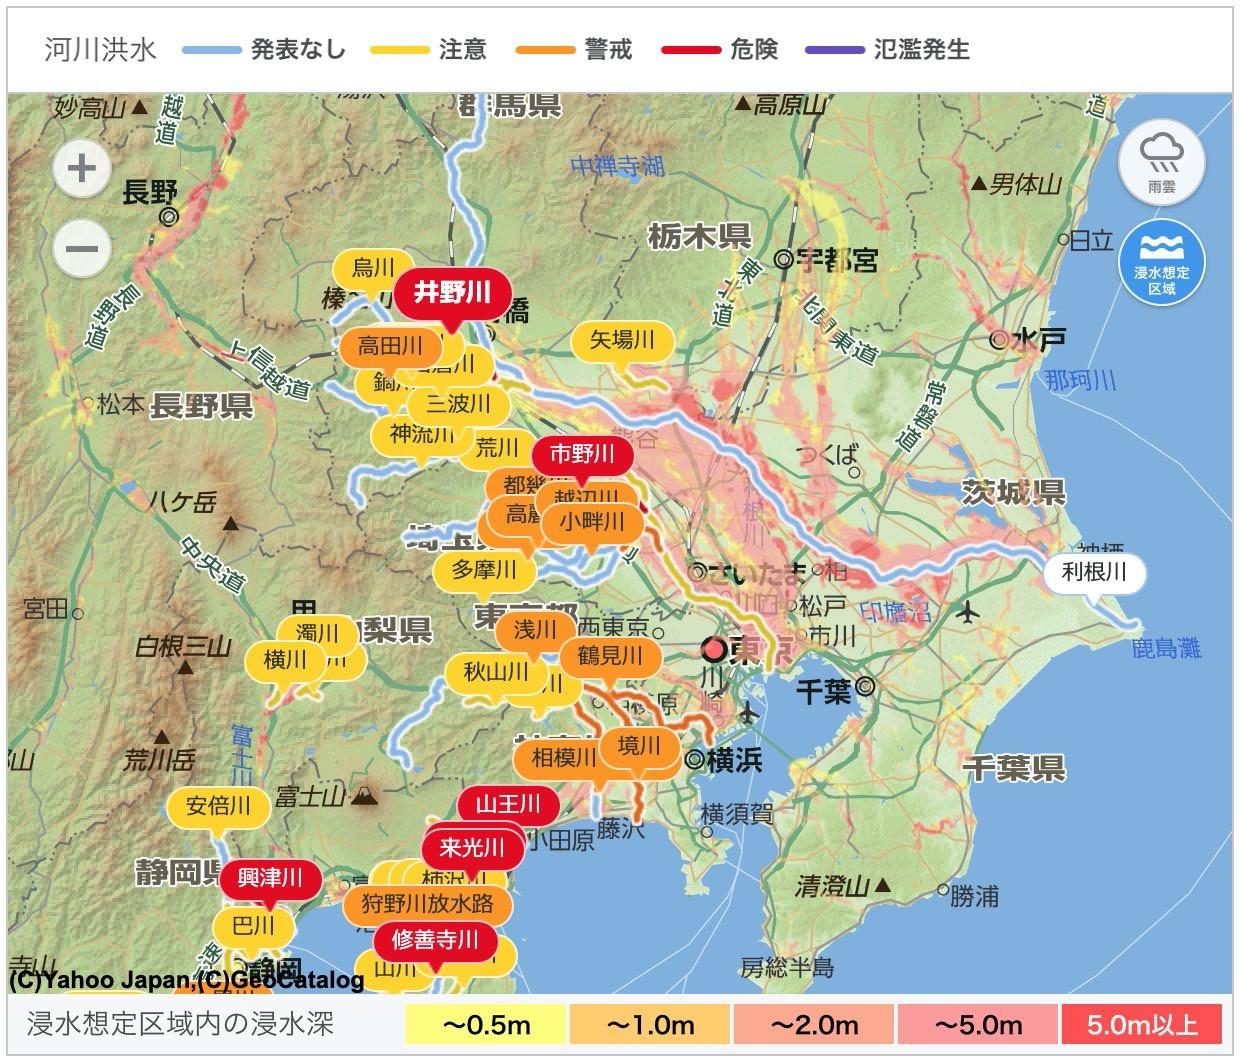 ヤフー天気・災害で関東地方の河川水位情報を調べる(追記あり)